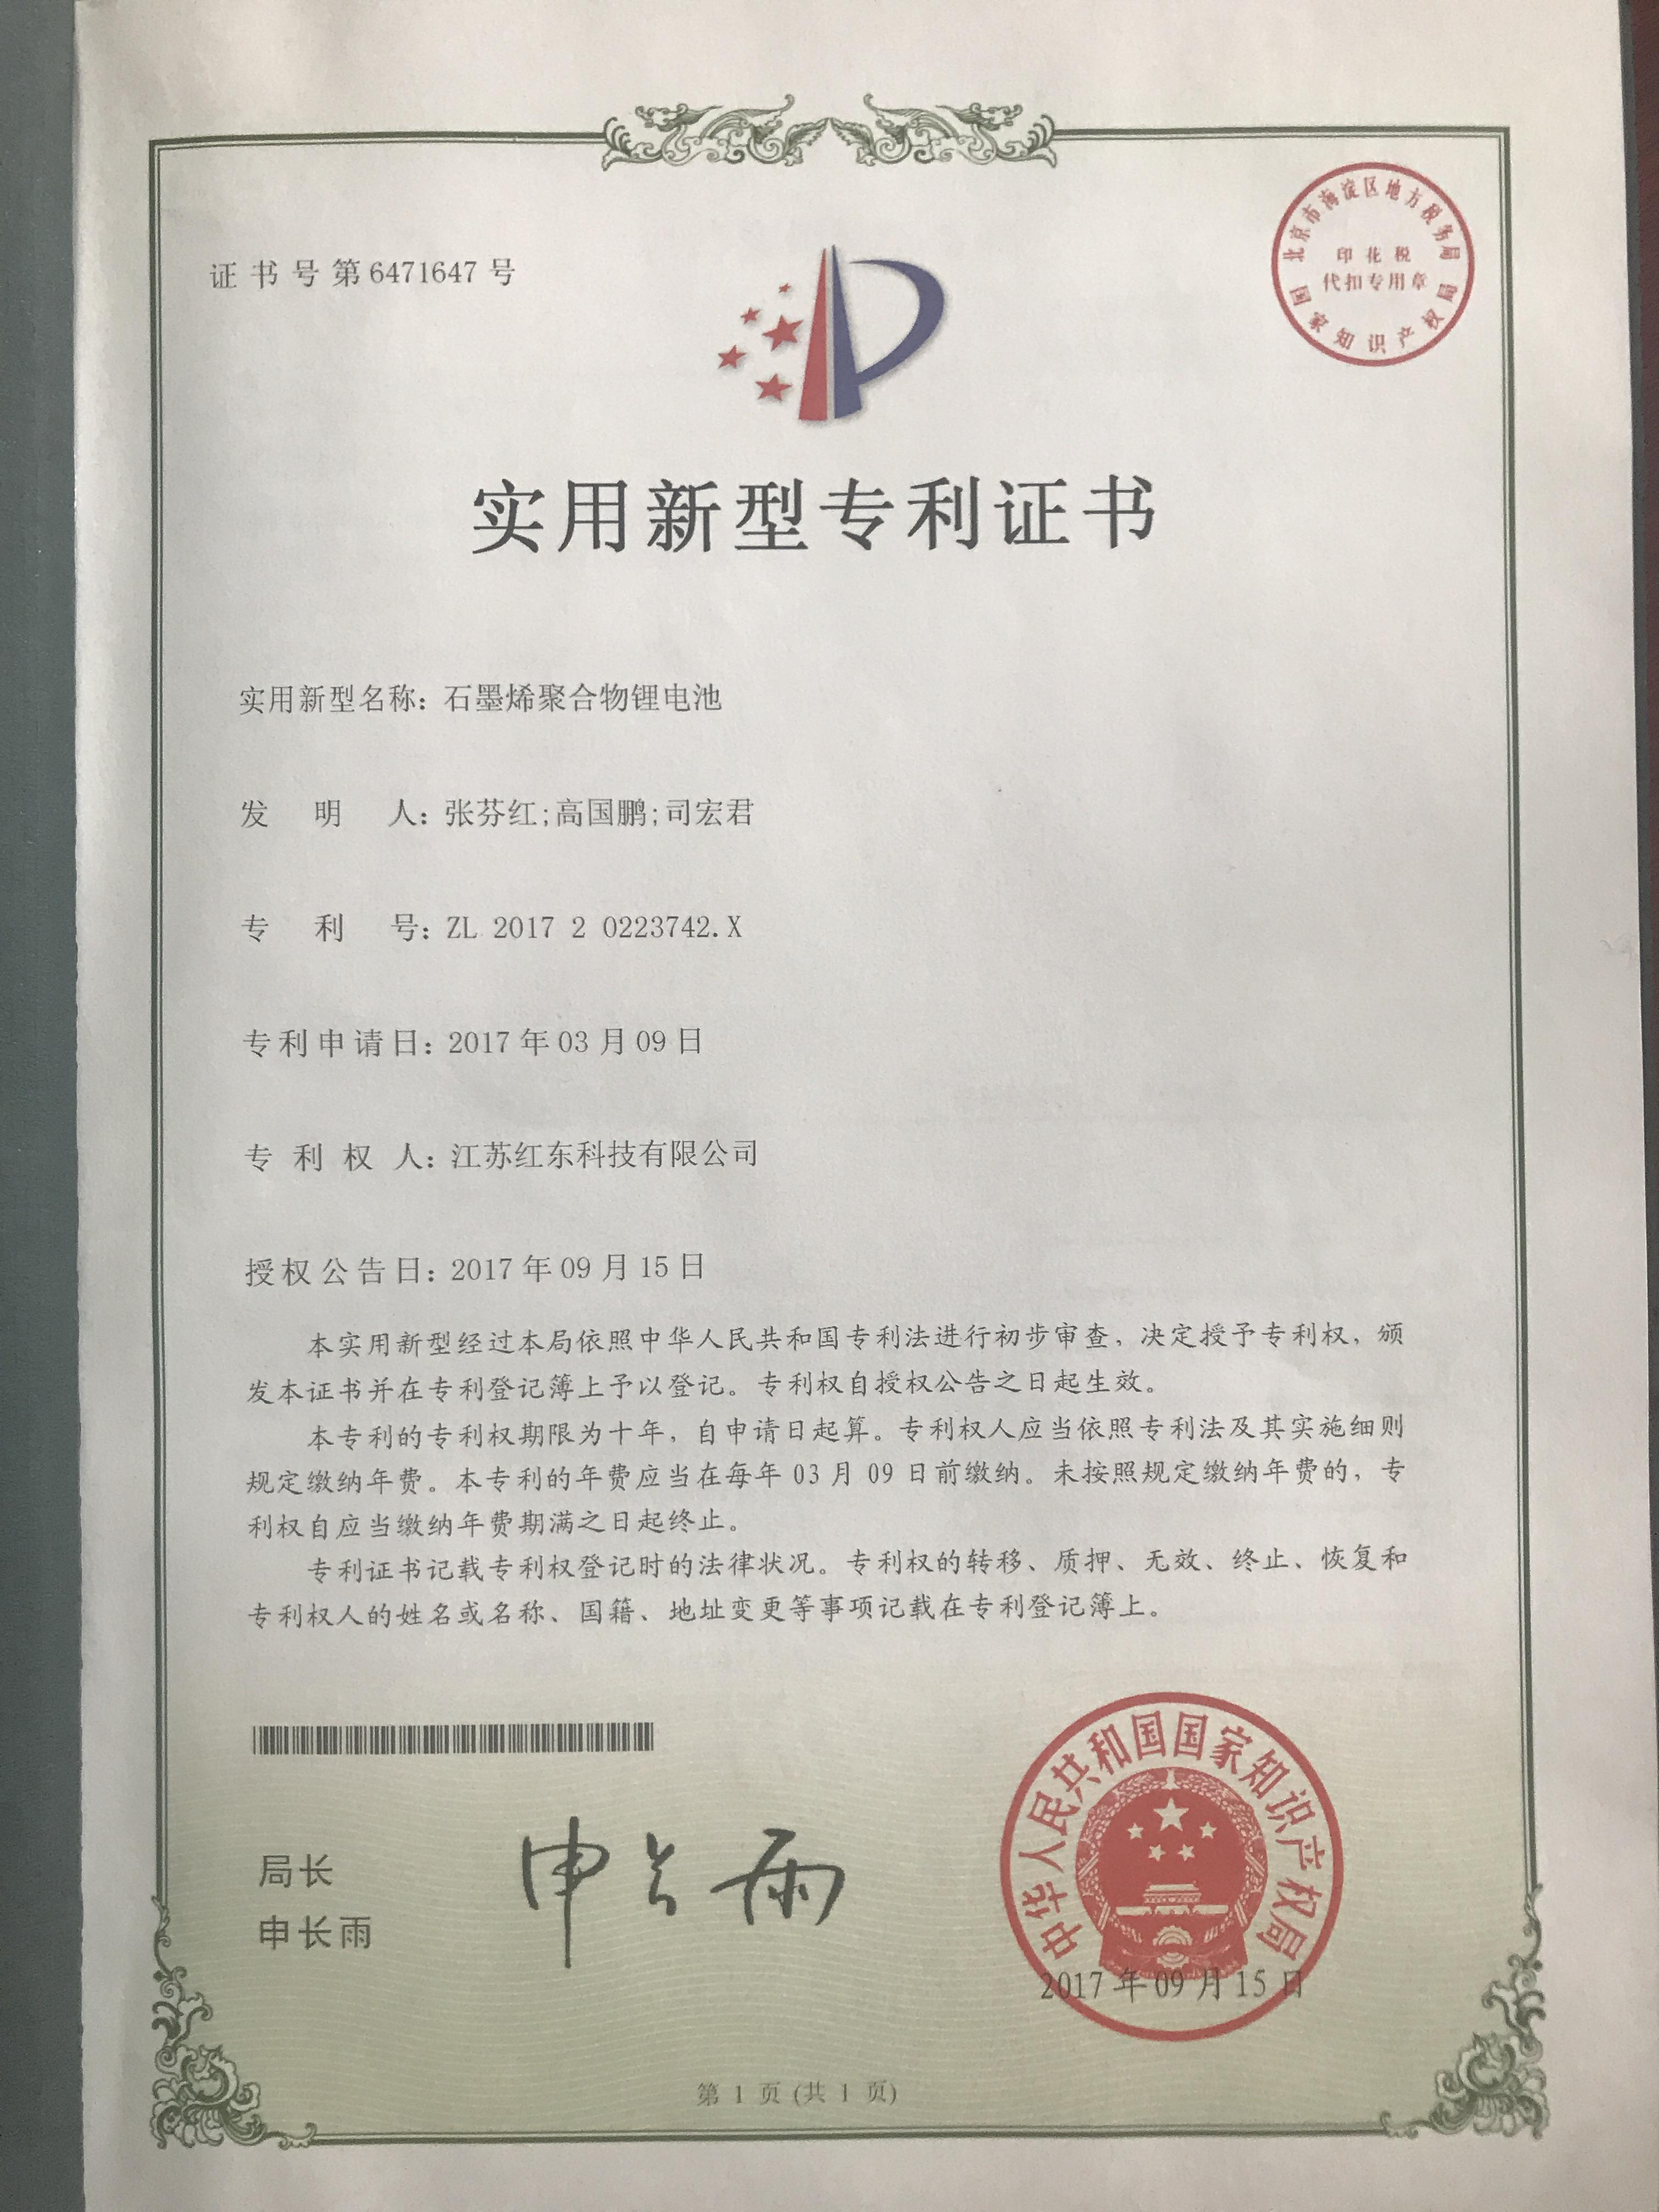 红东科技石墨烯聚合物锂电池专利